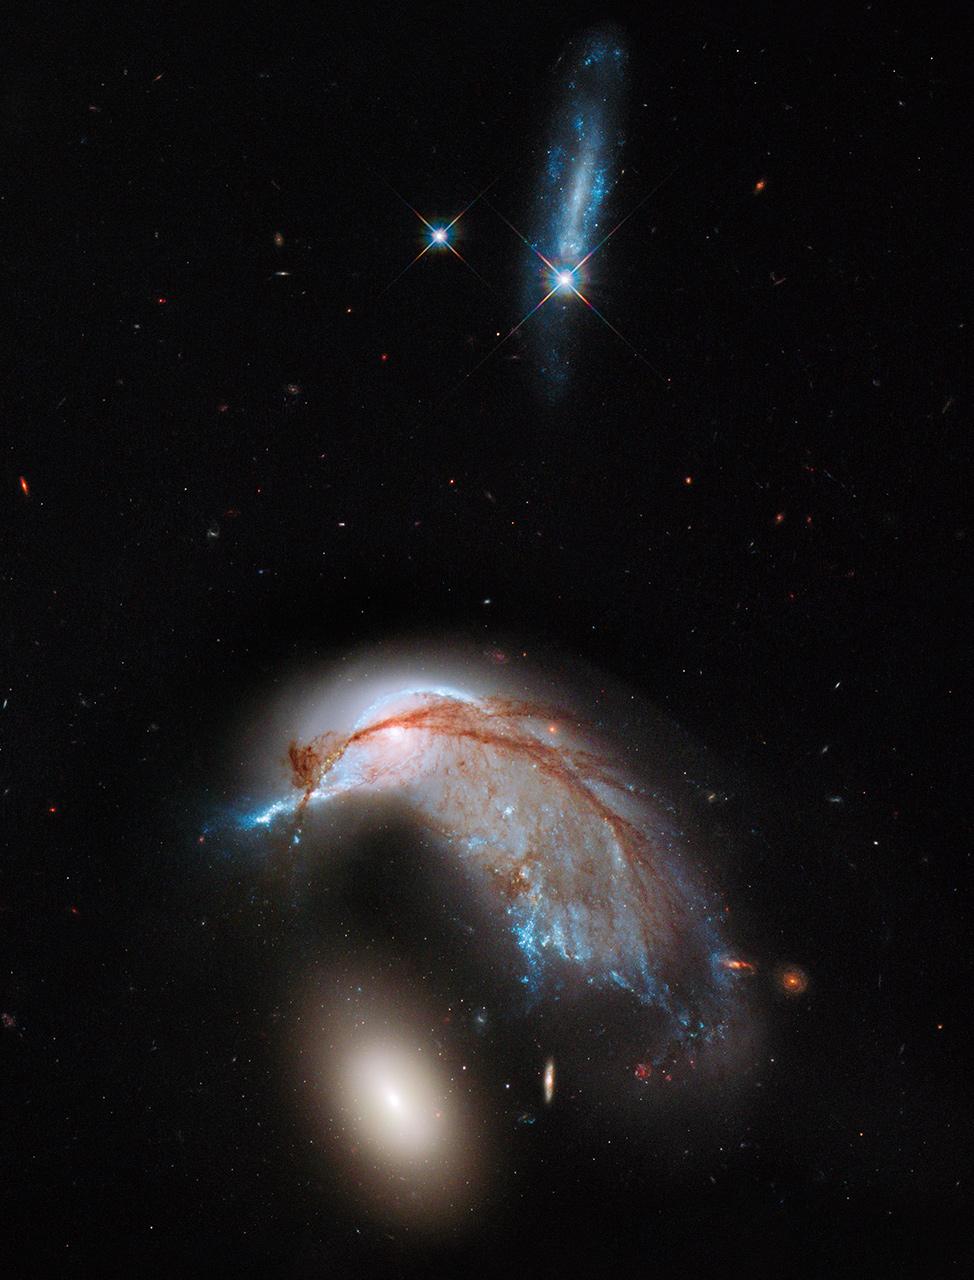 756581main_hubble_colliding_galaxies_full_full.jpg